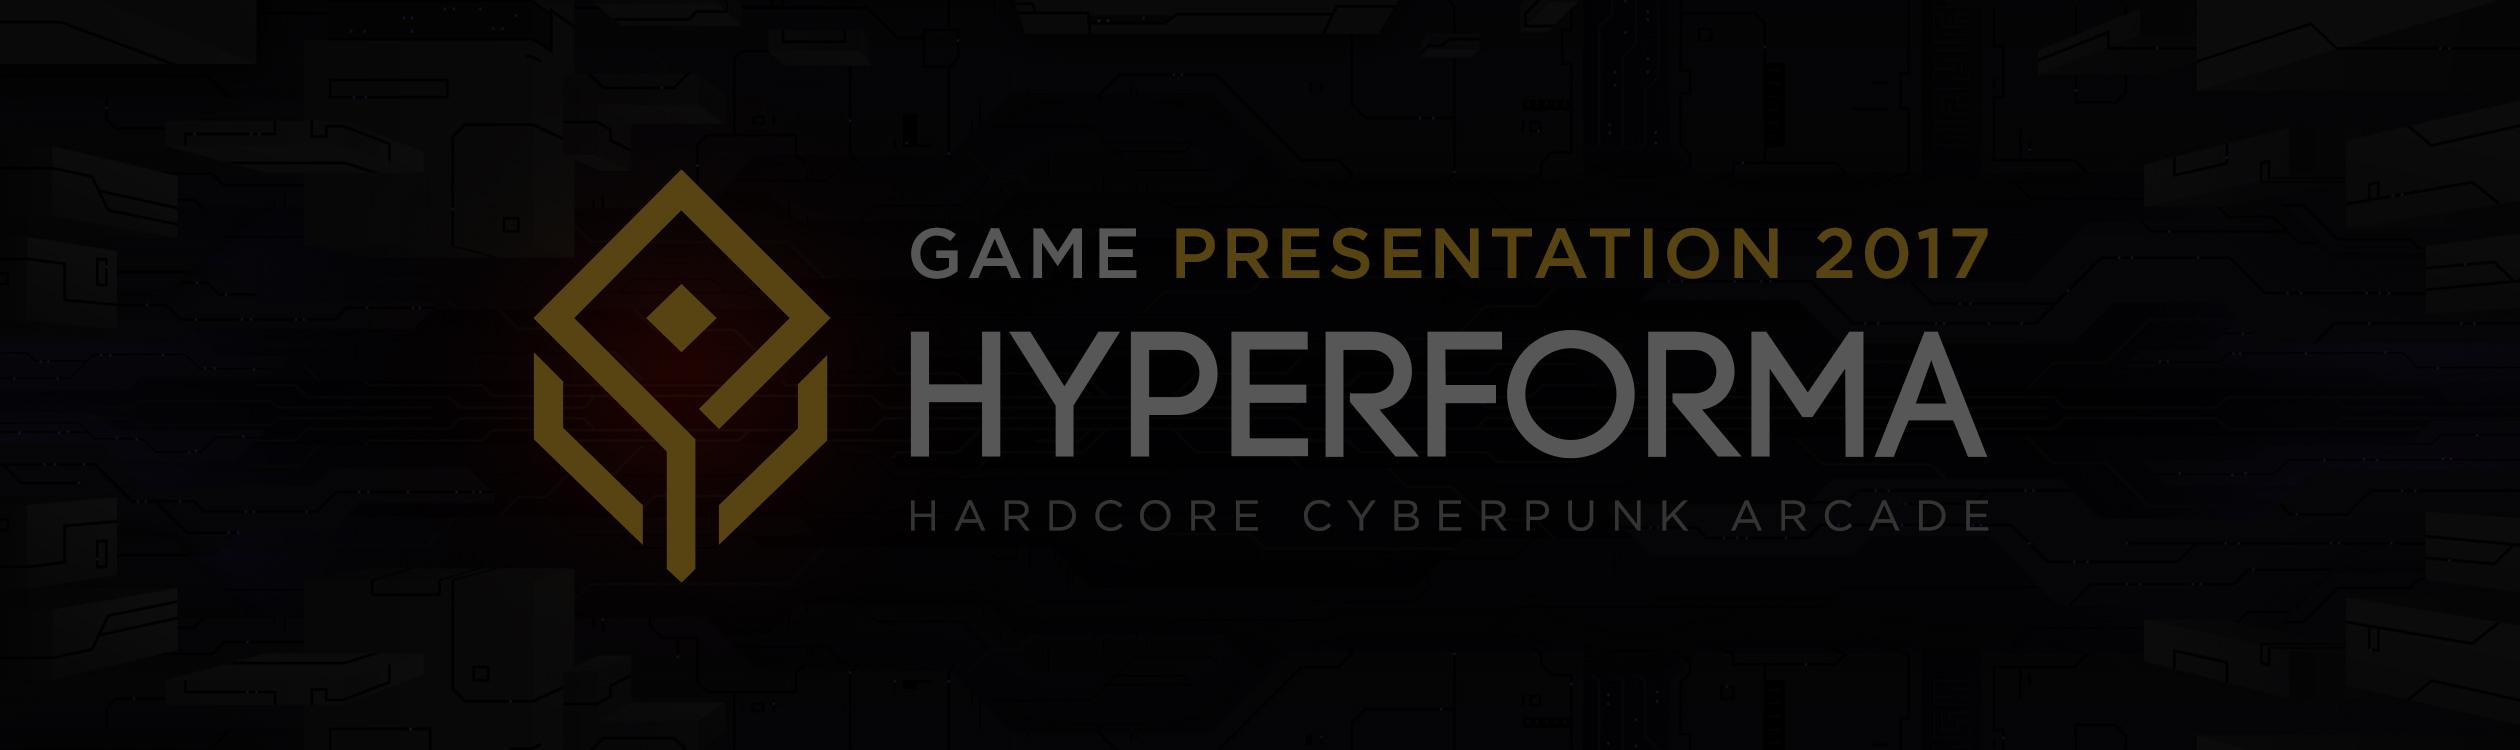 Видеопрезентация Hyperforma